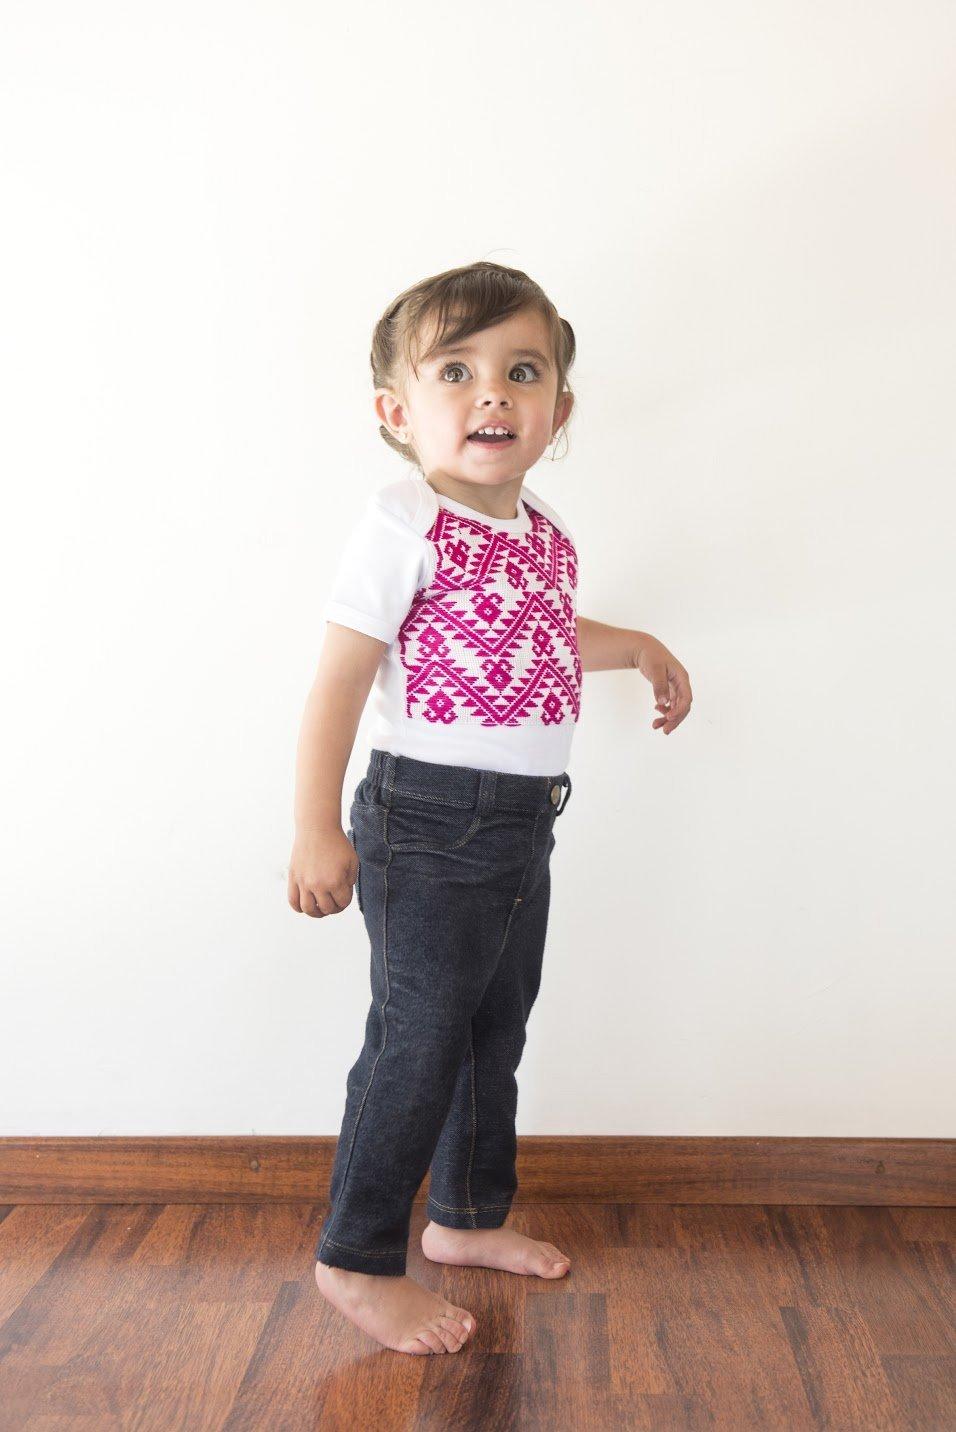 Body niña, 9-12 M, color rosa con bordado mexicano hecho a mano, ropa para bebe reborn: Amazon.es: Handmade